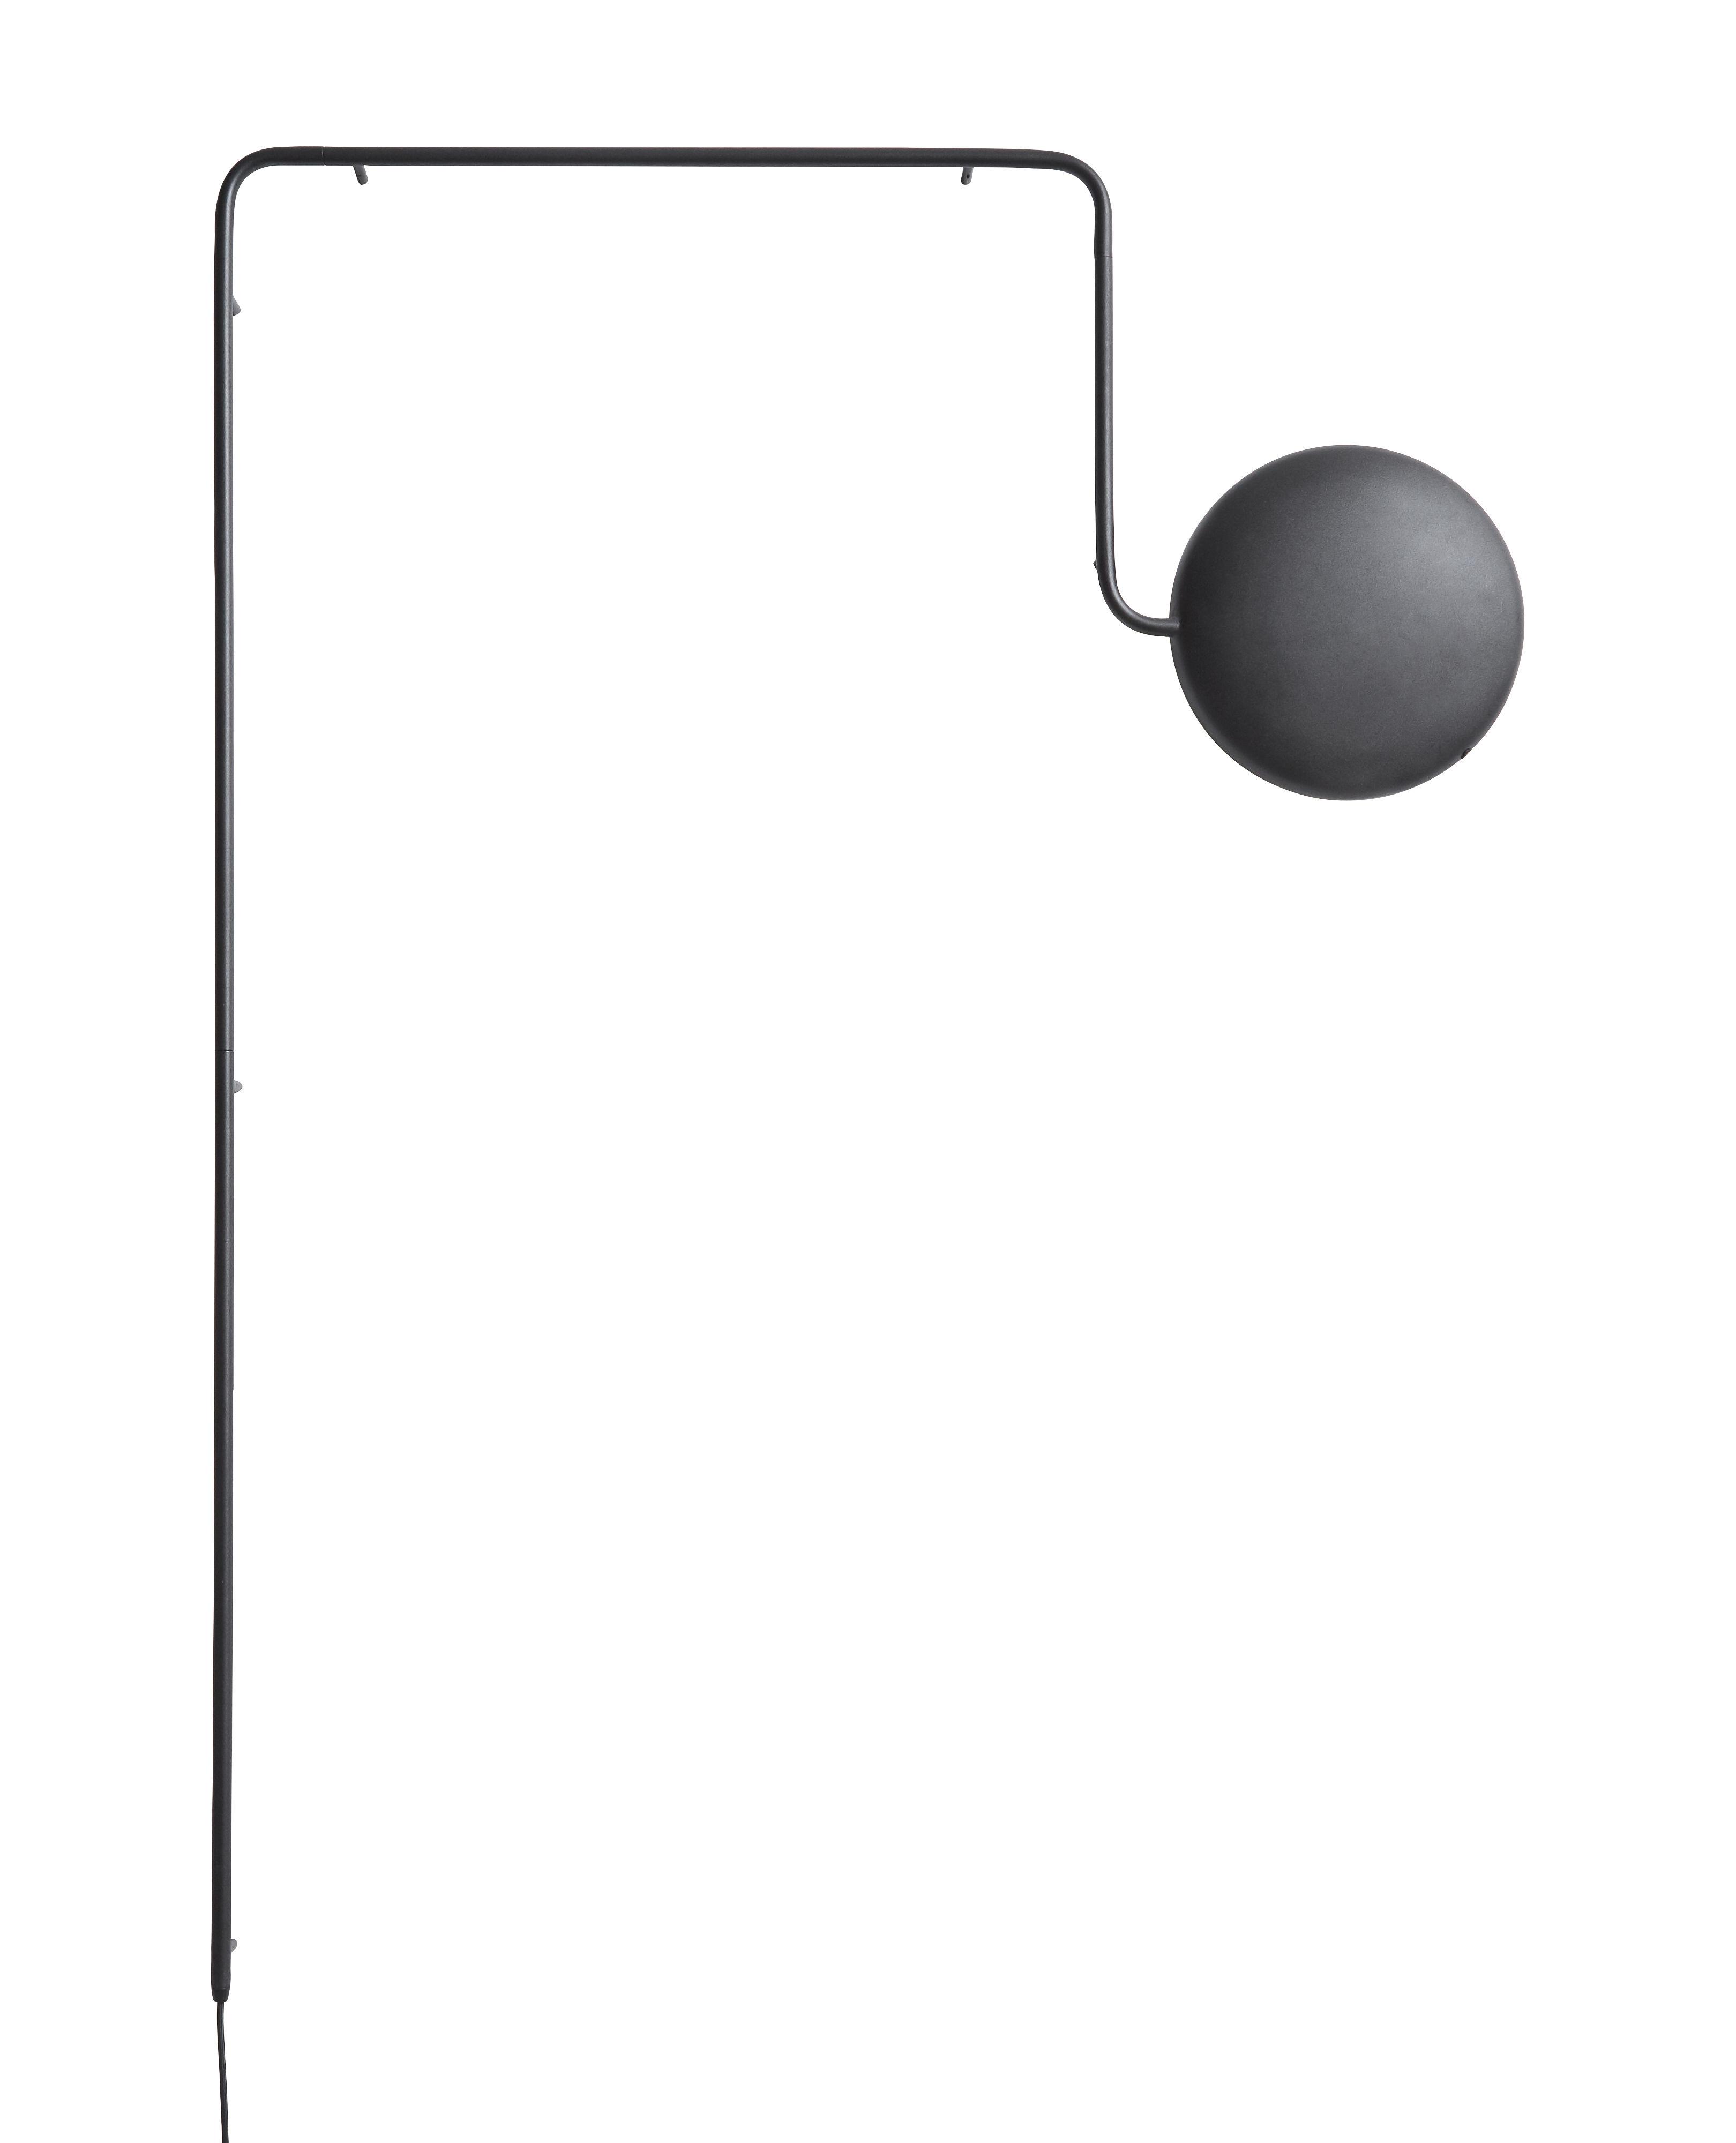 Luminaire - Appliques - Applique avec prise Mercury / LED - Métal - L 109 x H 152 cm - Woud - Noir - Métal laqué